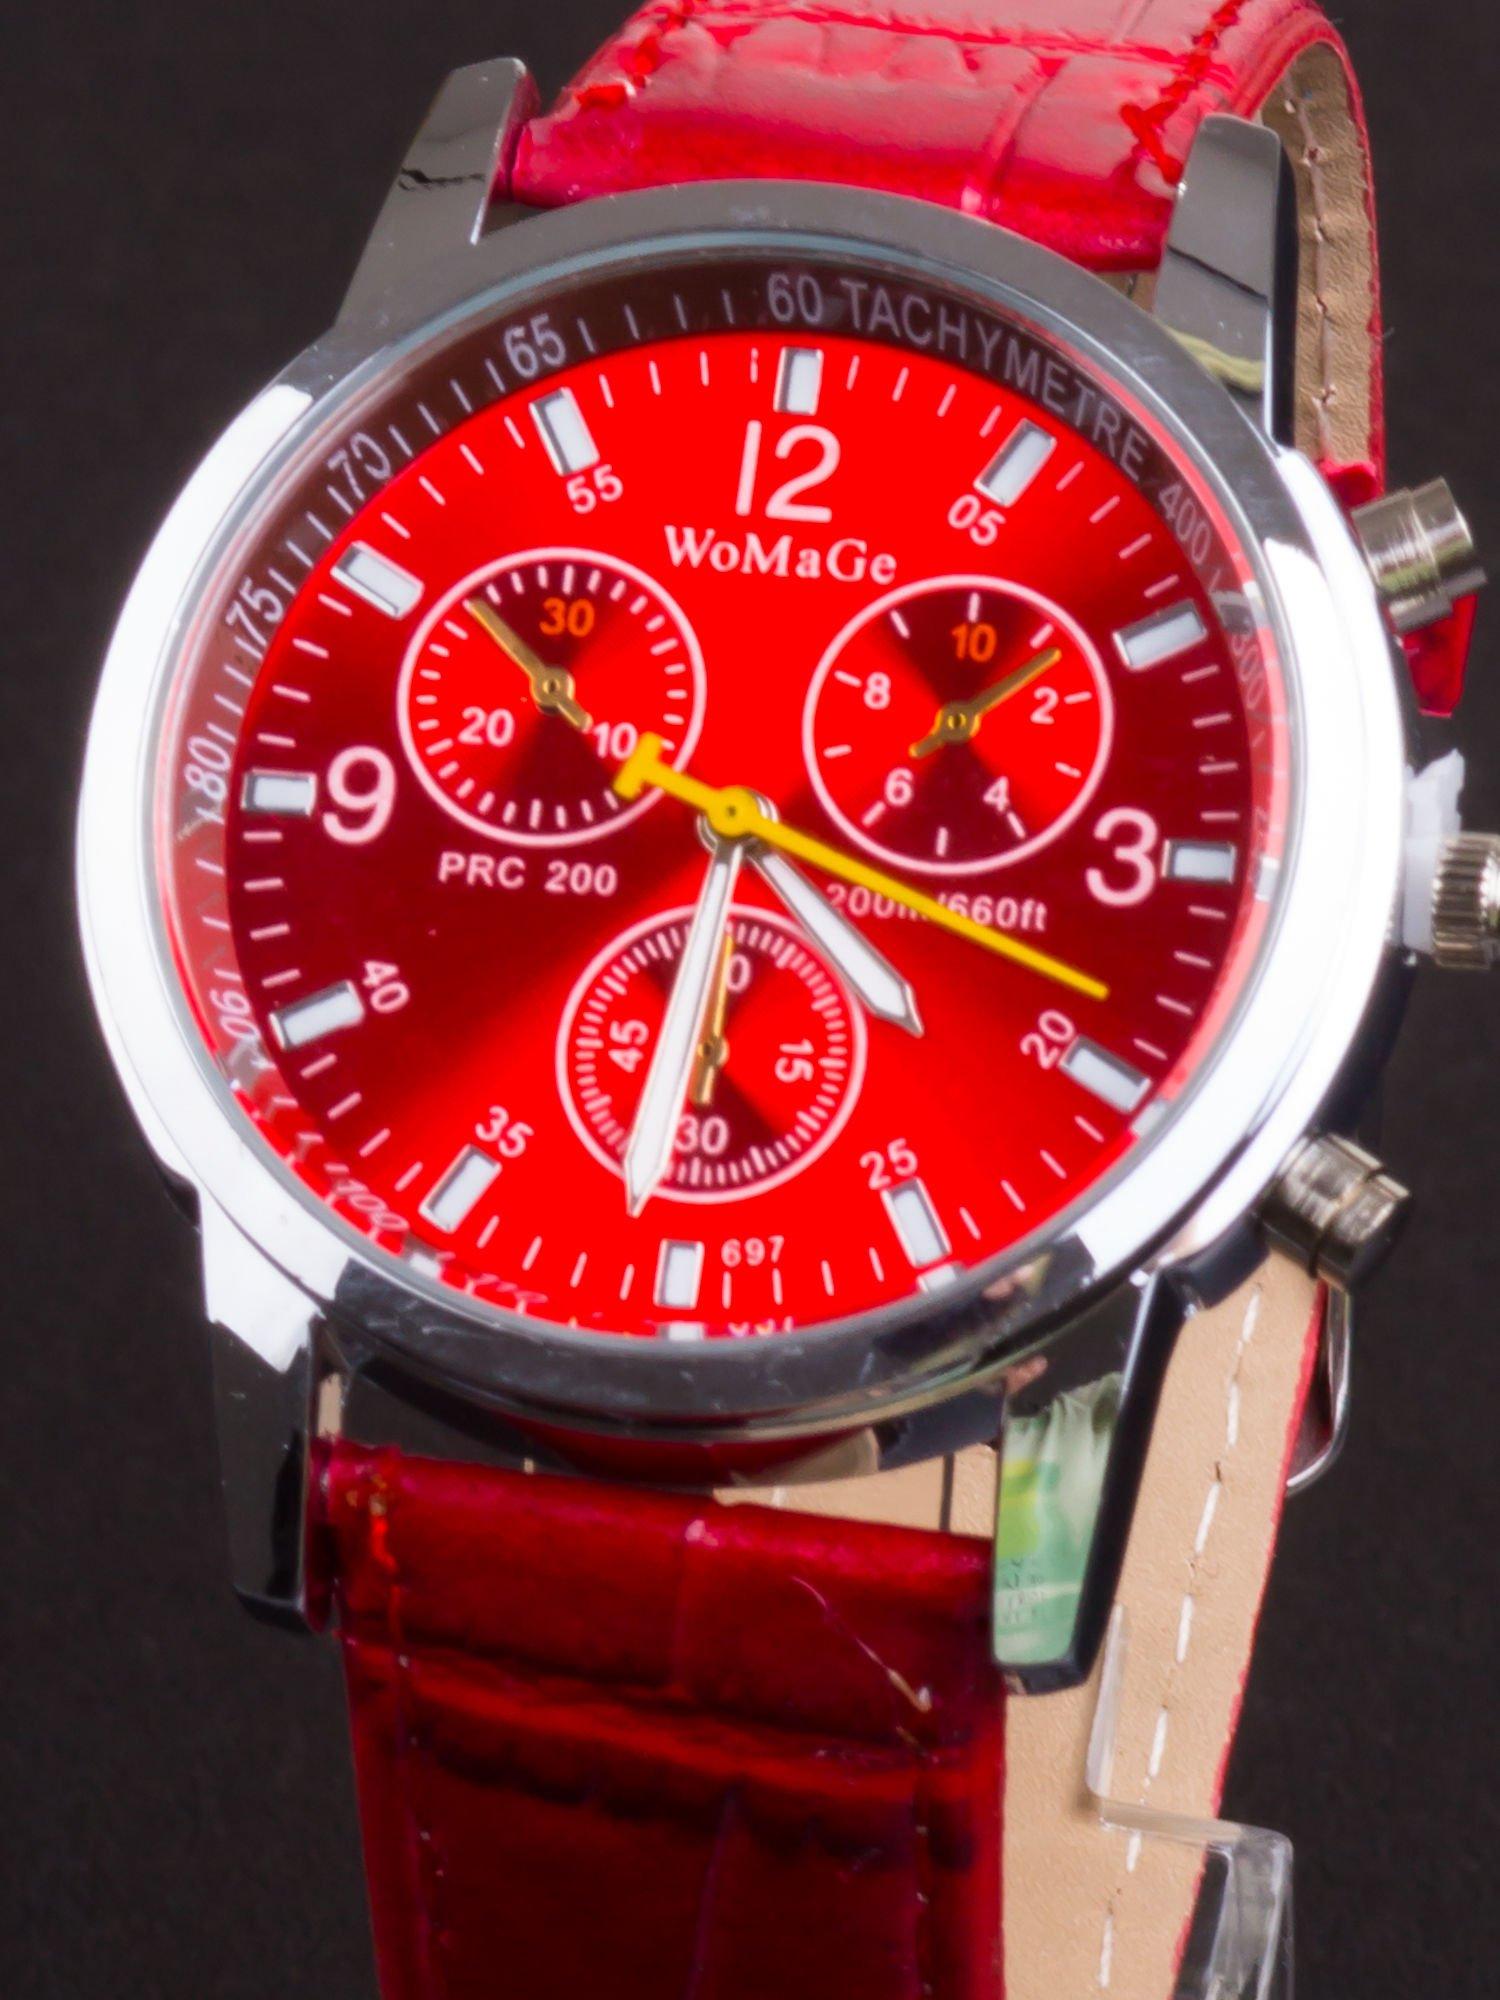 Czerwony zegarek damski z ozdobnym tachometrem                                  zdj.                                  1